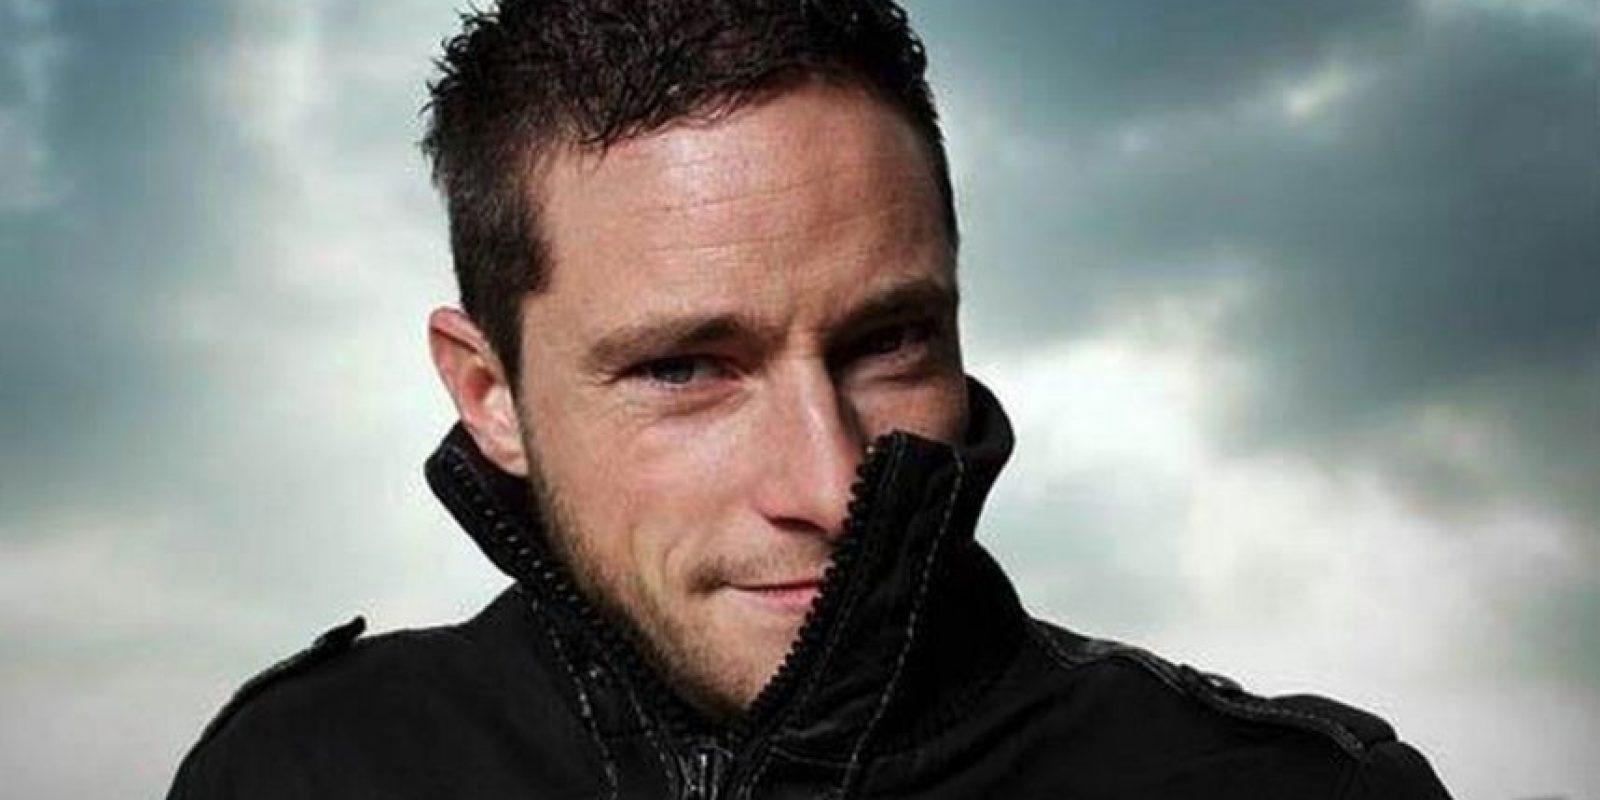 Actualmente, trabaja como entrenador de atletas en salto con garrocha y, también, como personal trainer Foto:Vía facebook/balianbuschbaum.com